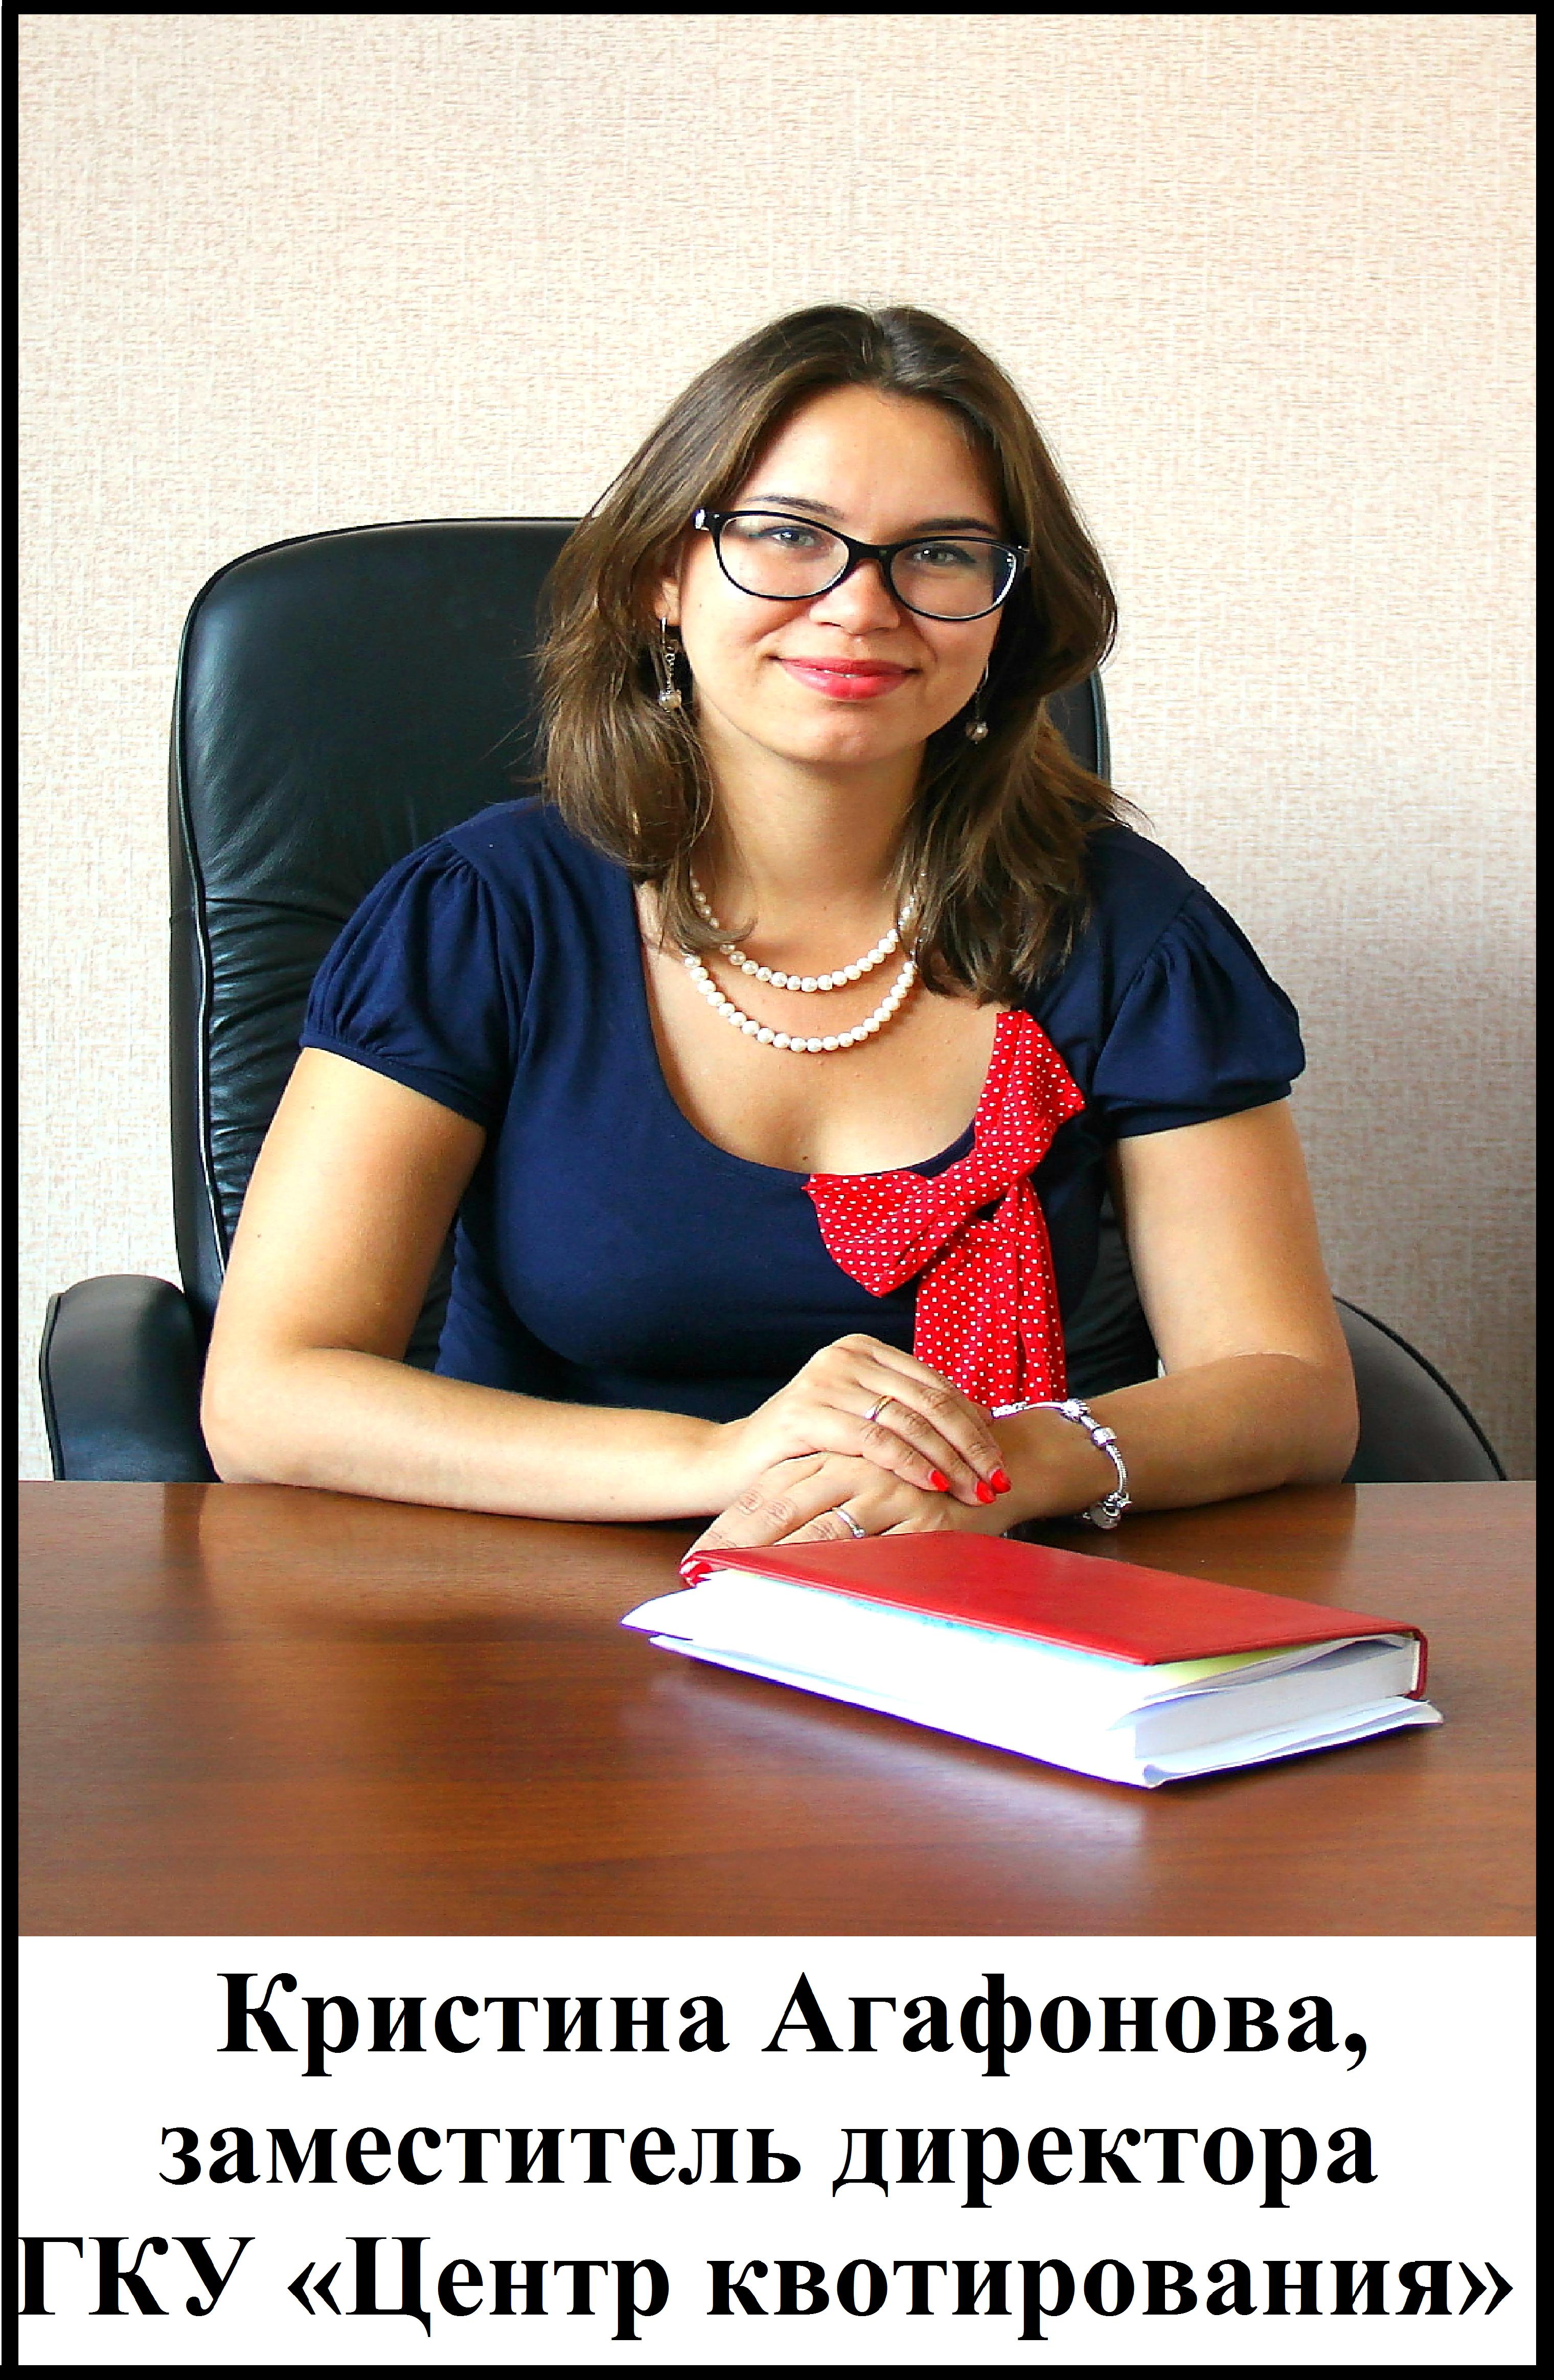 Кристина Агафонова, заместитель директора ГКУ «Центр квотирования».